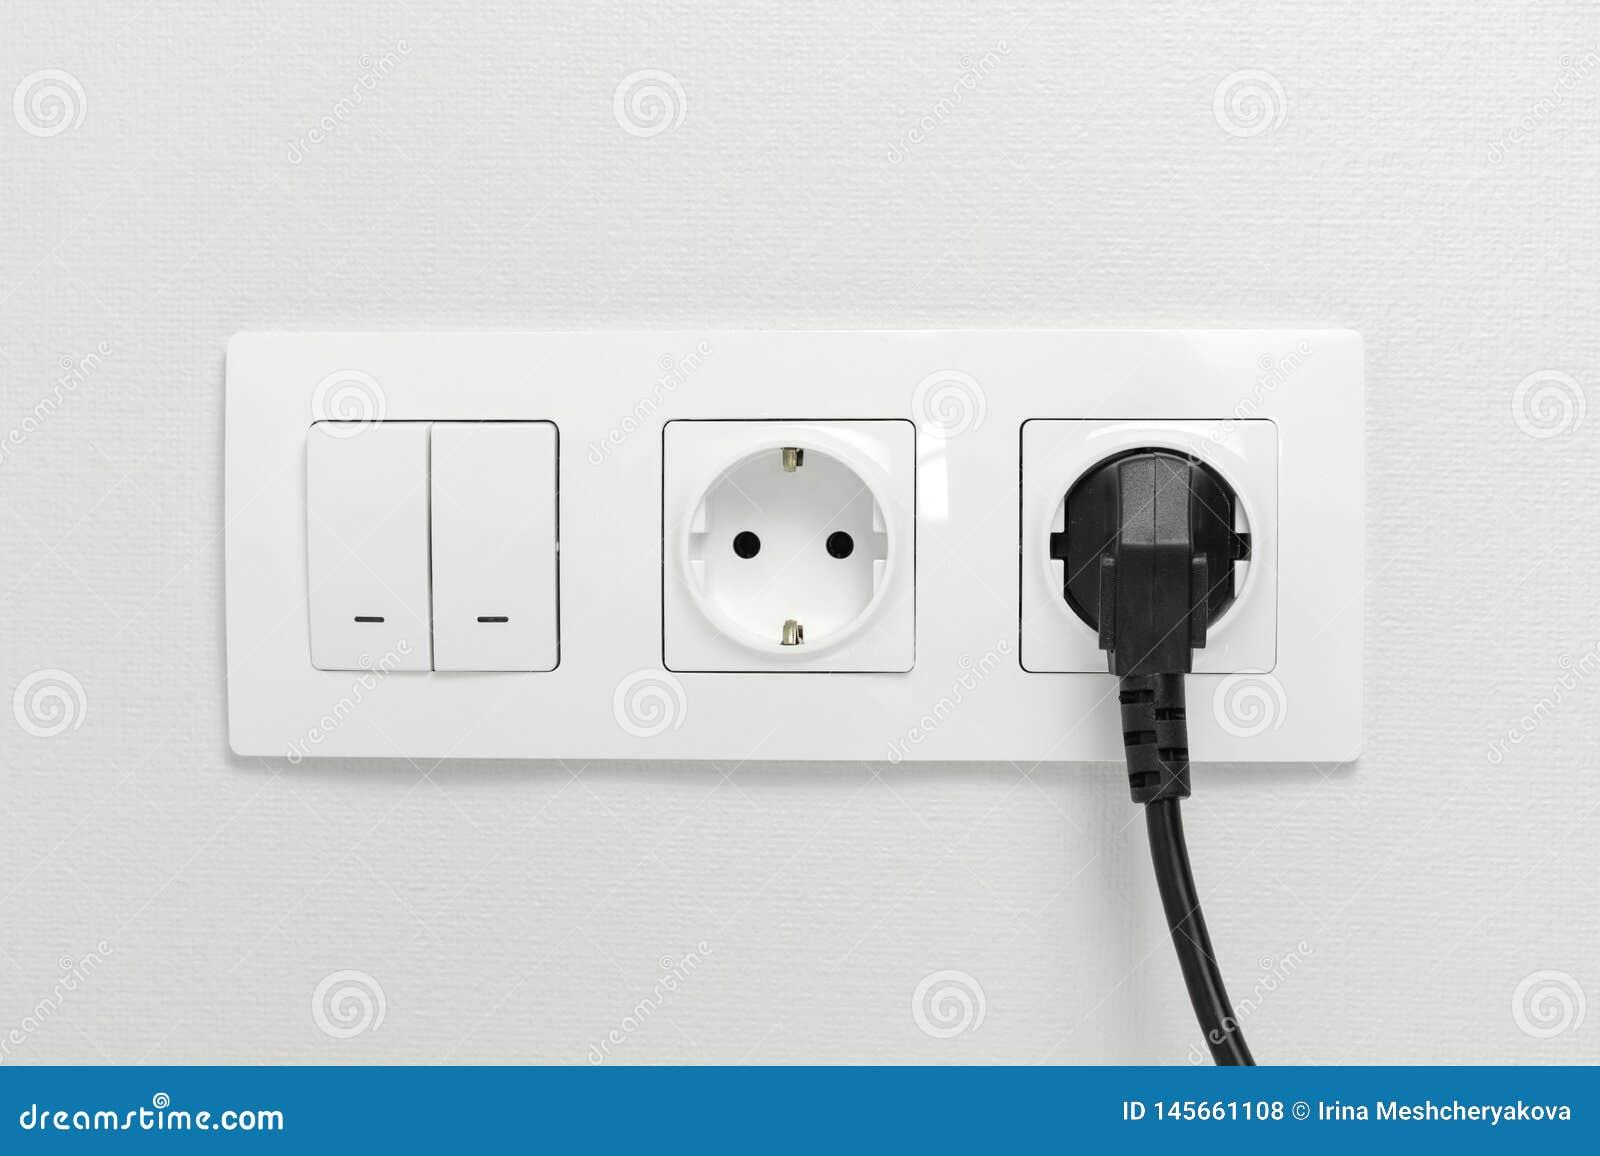 Prises électriques sur le mur avec la prise noire de connexion et le commutateur blanc